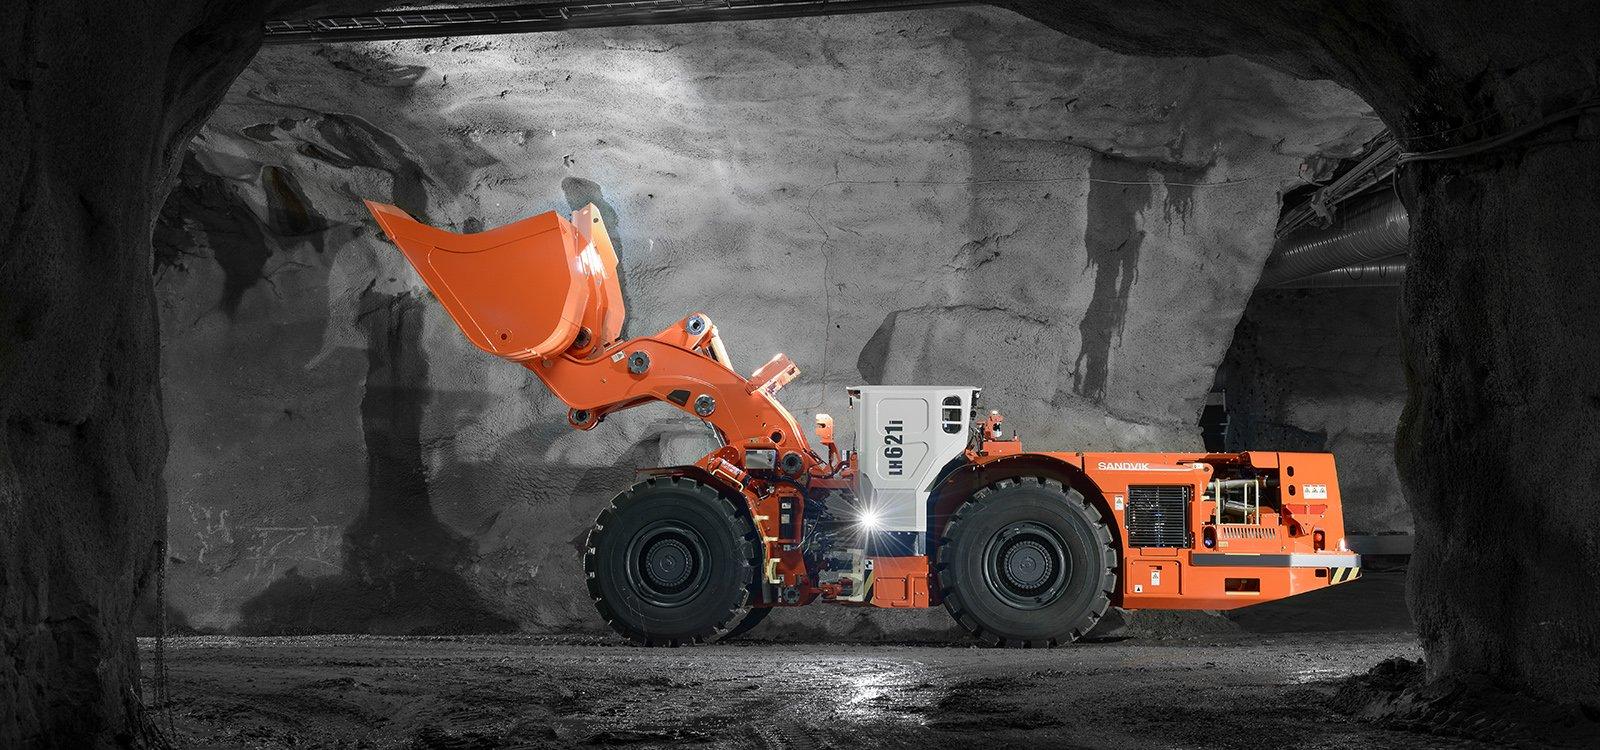 Sandvik LH621i, diseñado para remover la roca con rápidez y permitir avances más rápidos.